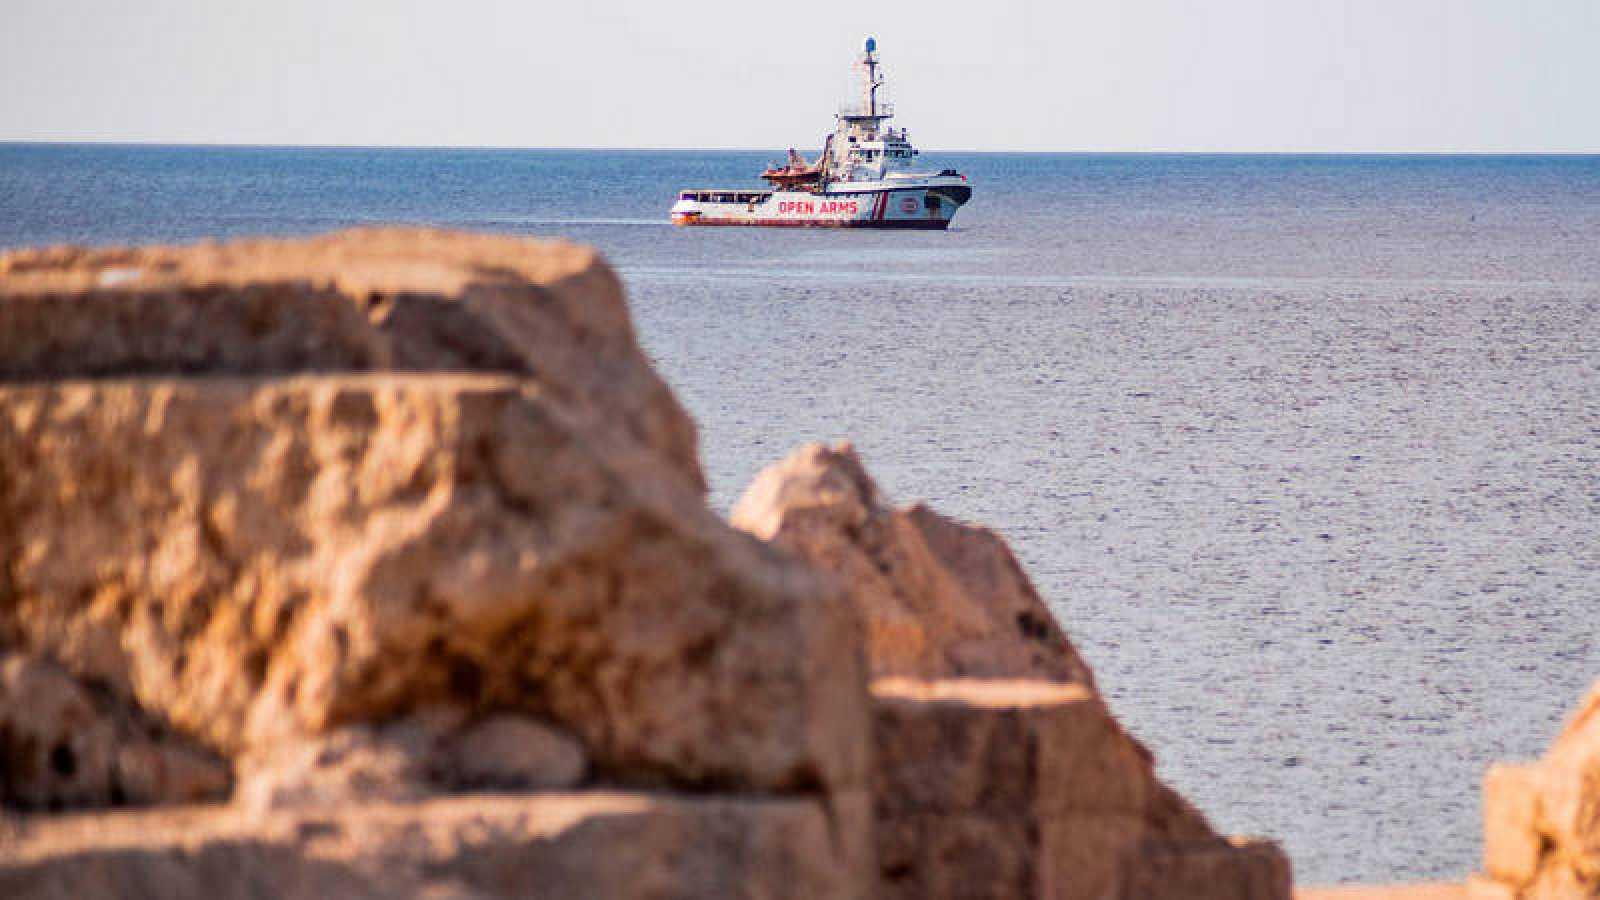 El barco Open Arms, frente a la costa de Lampedusa (Italia).Alessandro SERRANO / AFP